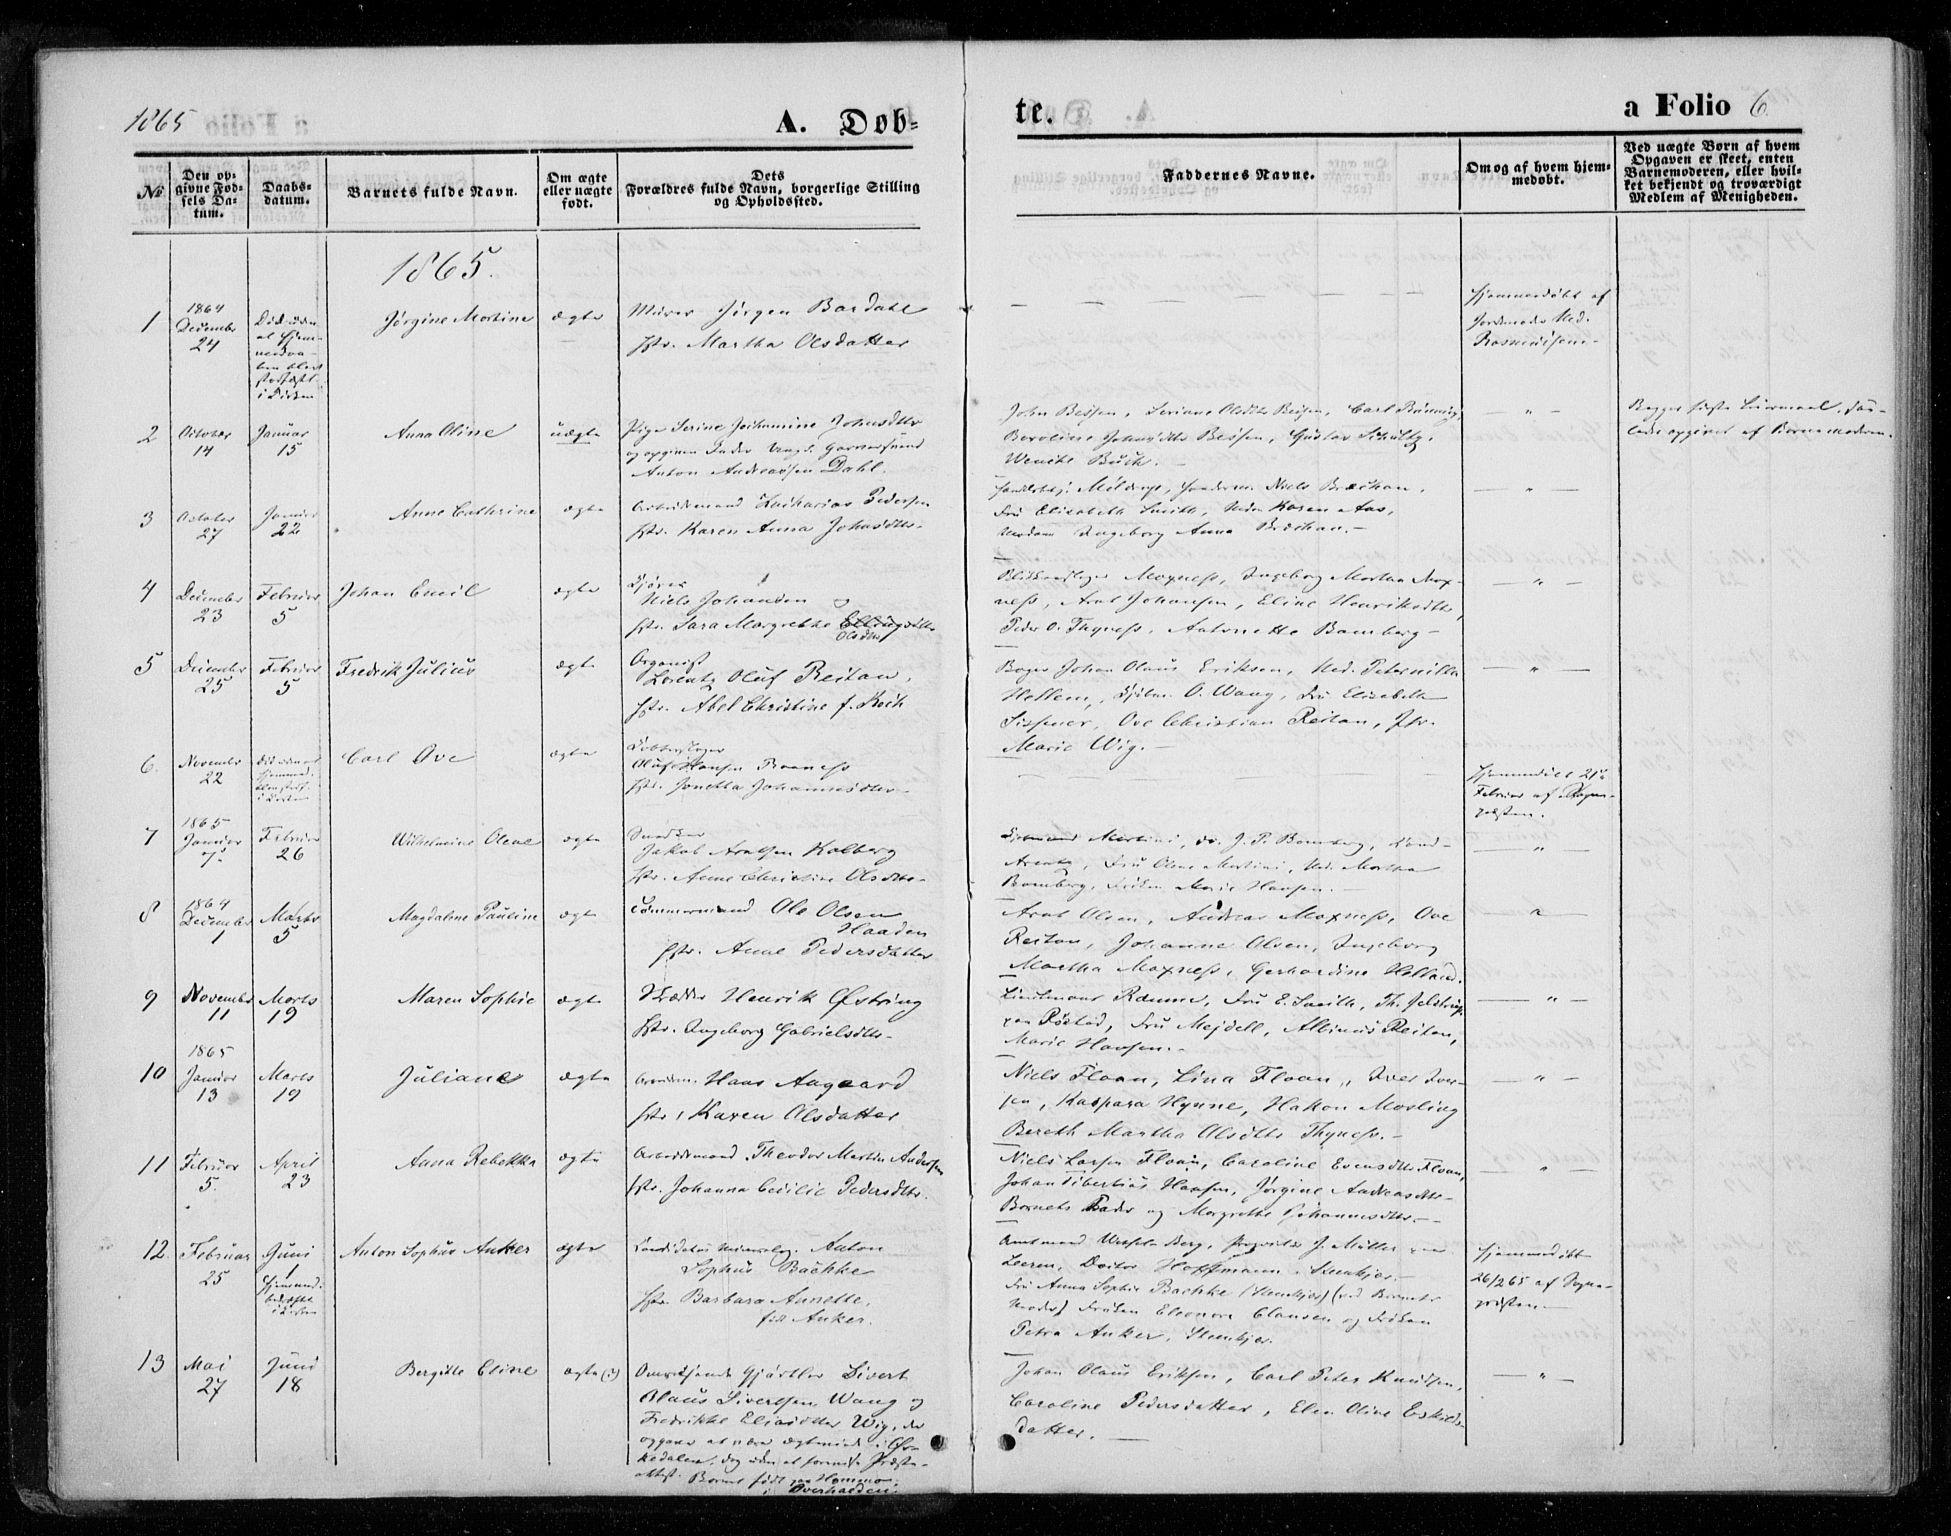 SAT, Ministerialprotokoller, klokkerbøker og fødselsregistre - Nord-Trøndelag, 720/L0186: Ministerialbok nr. 720A03, 1864-1874, s. 6